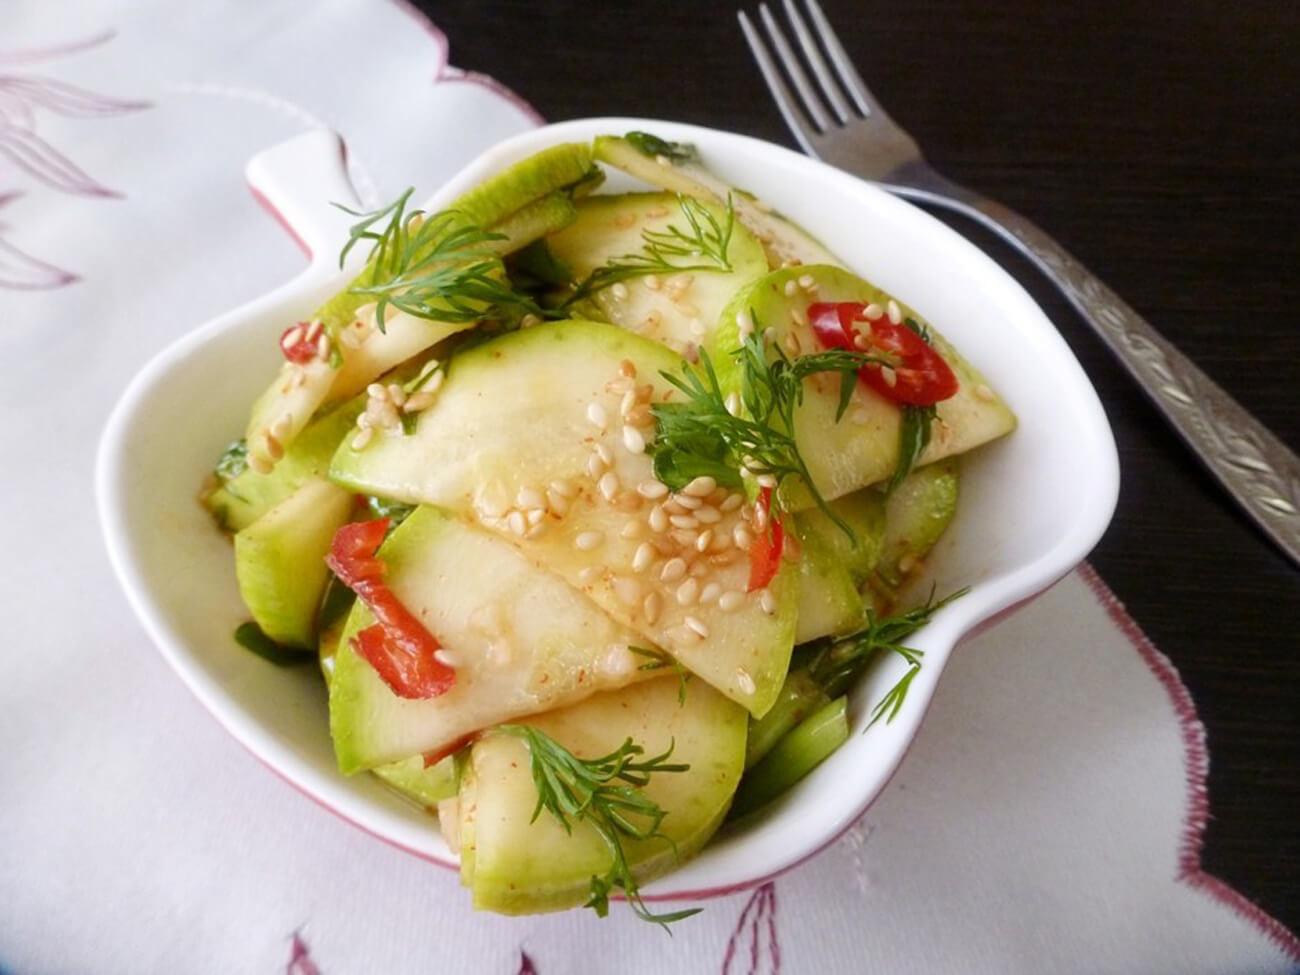 Посыпать салат кунжутом, и наши закусочные маринованные кабачки быстрого приготовления готовы! Приятного аппетита!